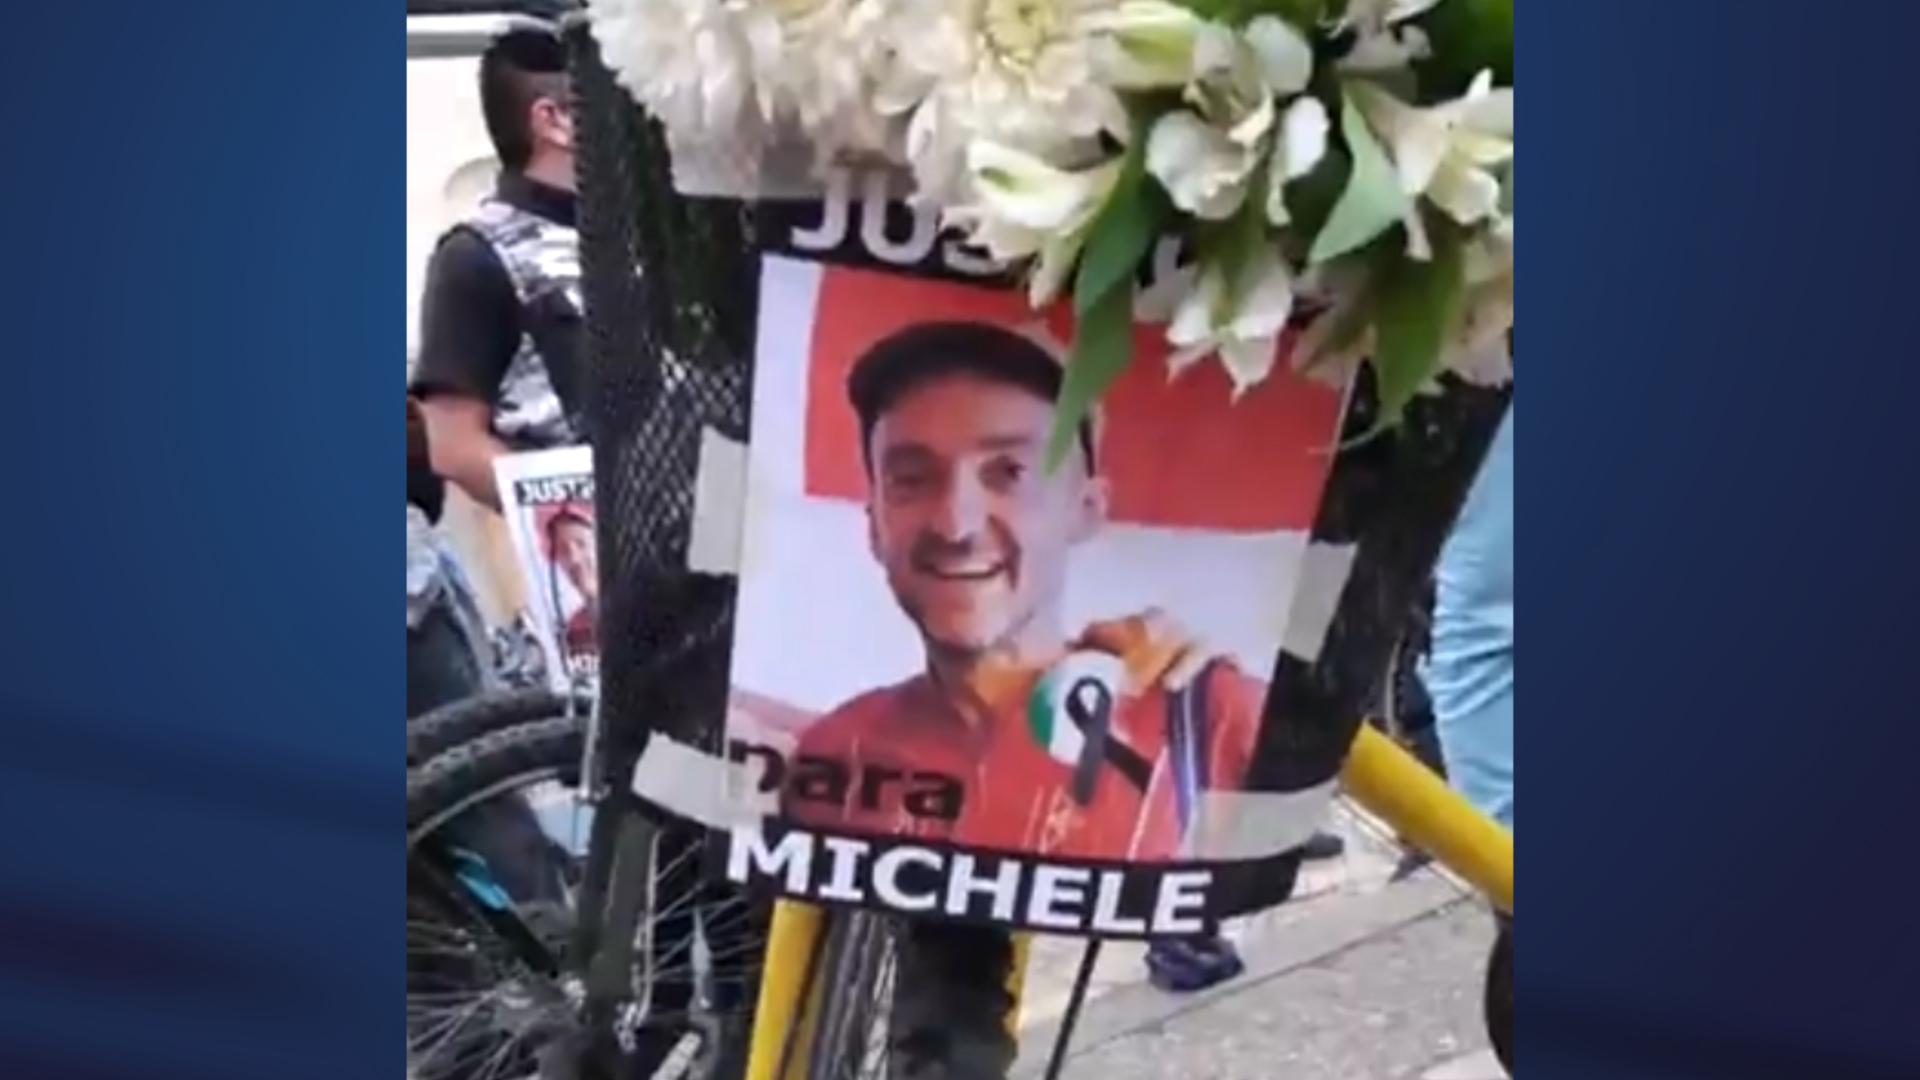 """""""Justicia para Miguel"""", il grido degli amici messicani"""